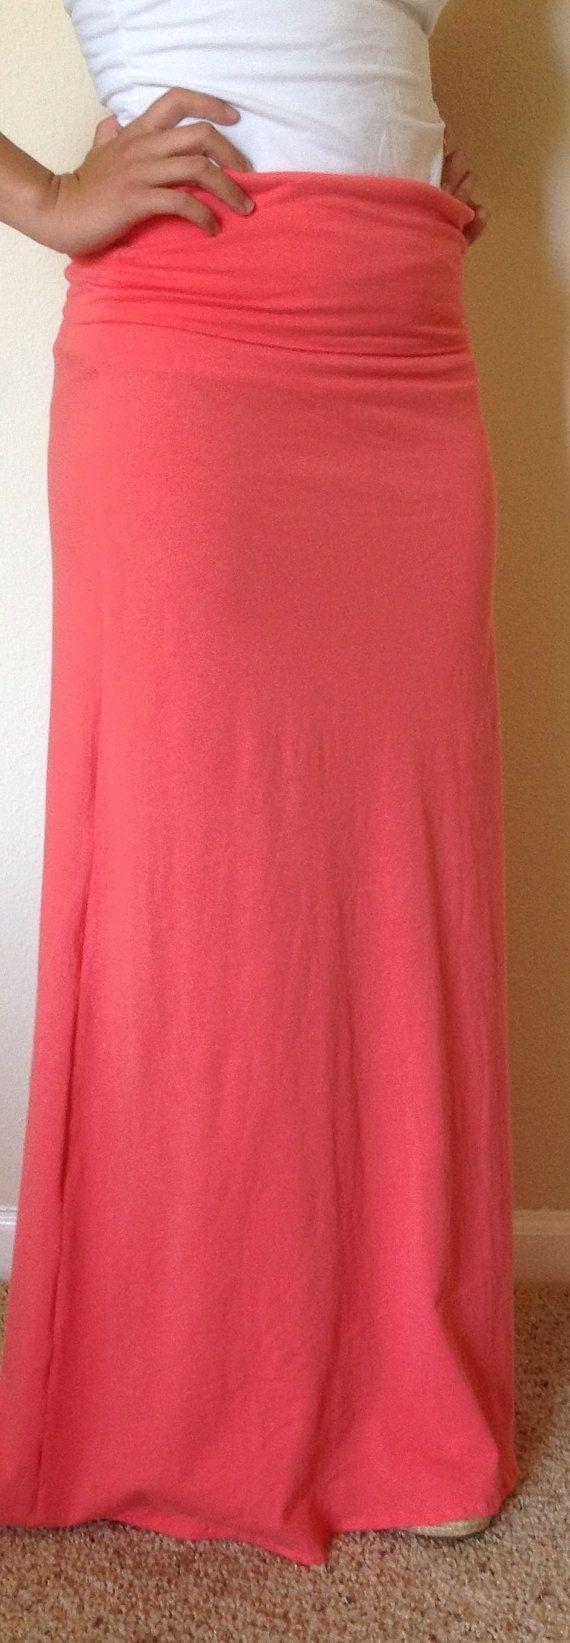 Coral maxi skirt summer skirt maxi skirt skirt by SeasonsApparel ...